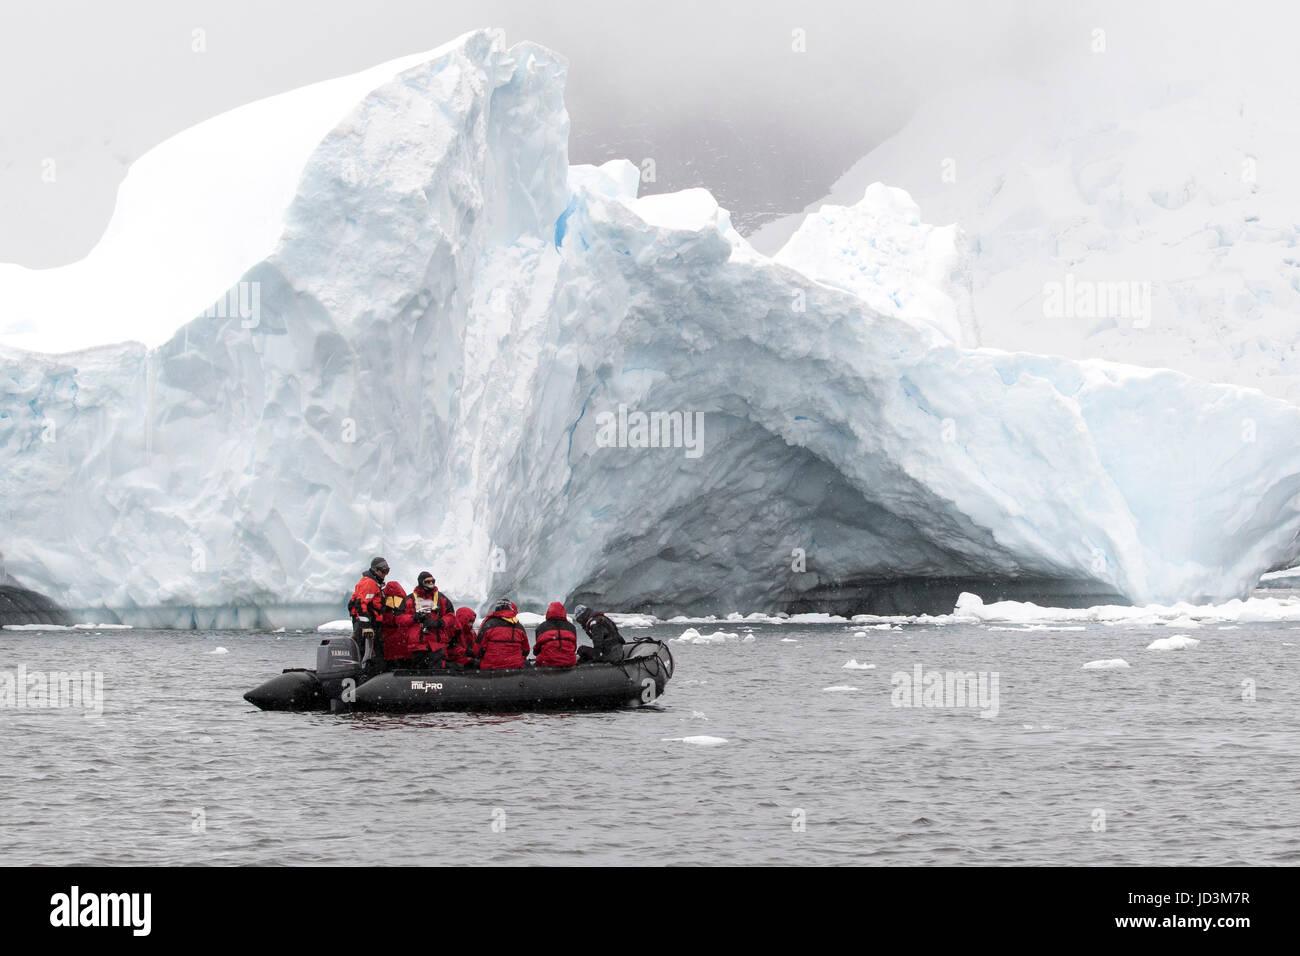 Expedición Antártida cruceros con turistas vista paisaje antártico, en la Península Antártica. Imagen De Stock